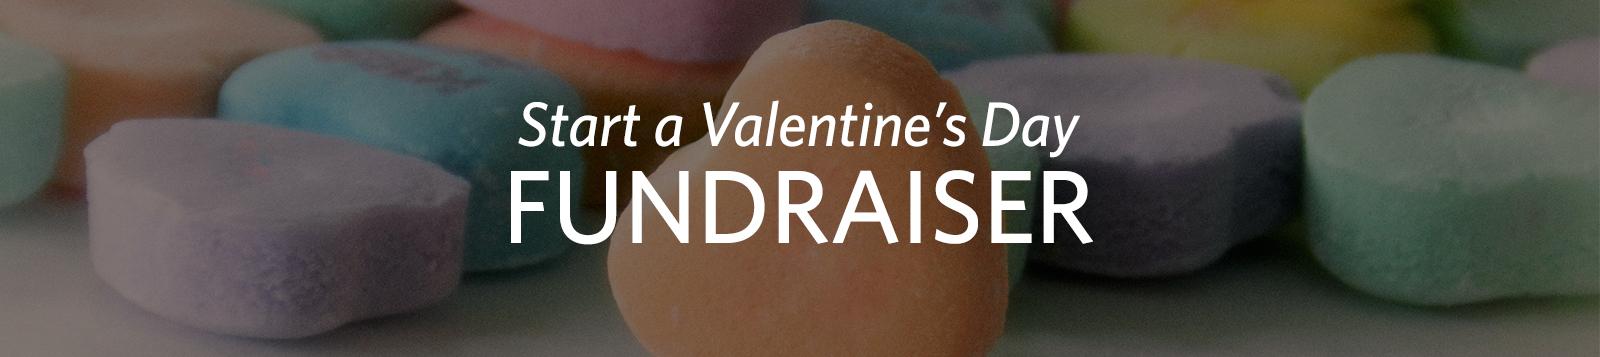 Start_a_Valentine's_Day_fundraiser